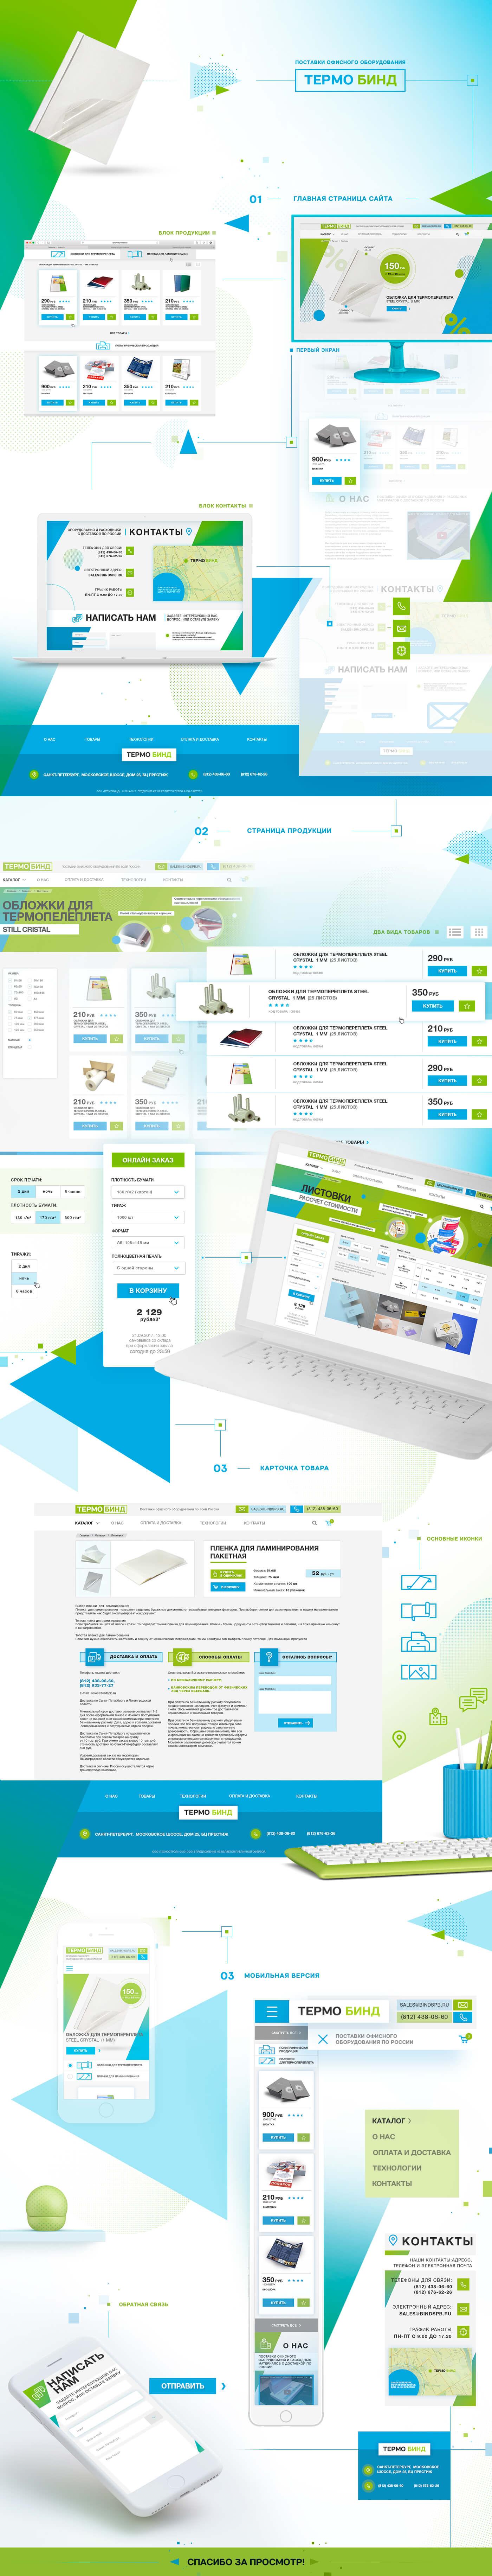 """Создание сайта для поставщика термообложек и пленок для ламинирования """"Термобинд"""""""